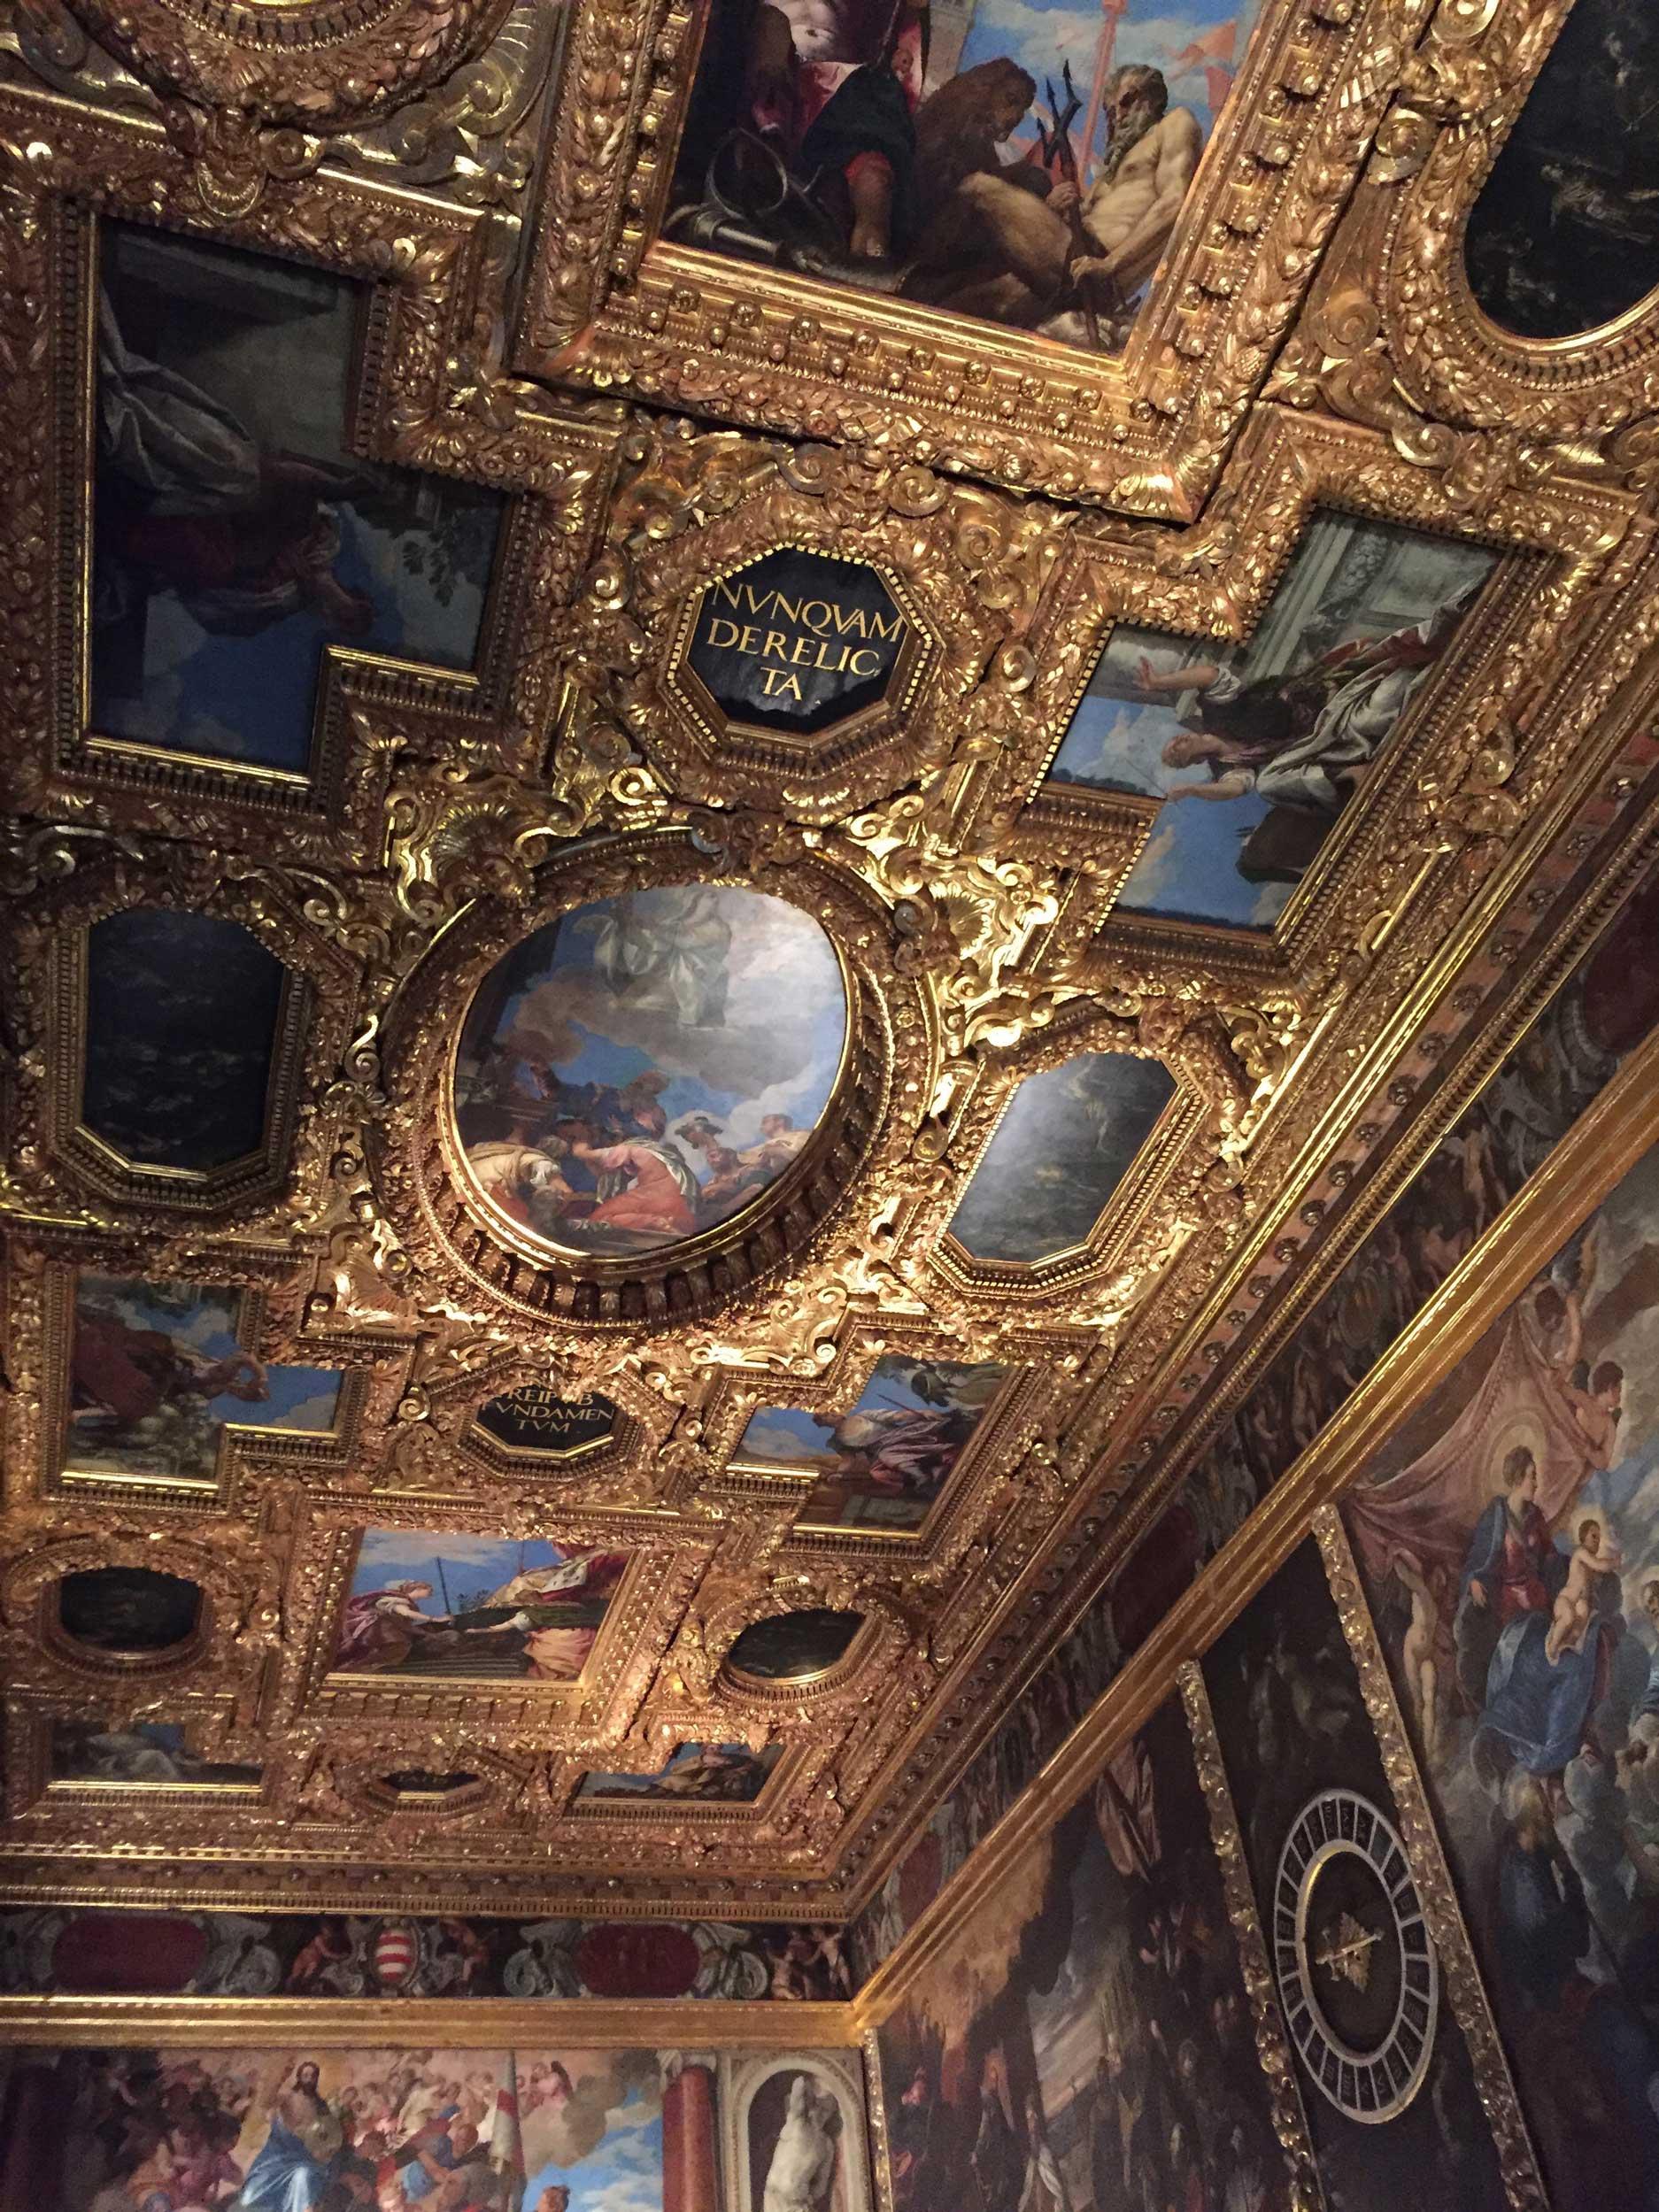 venice museum ceiling